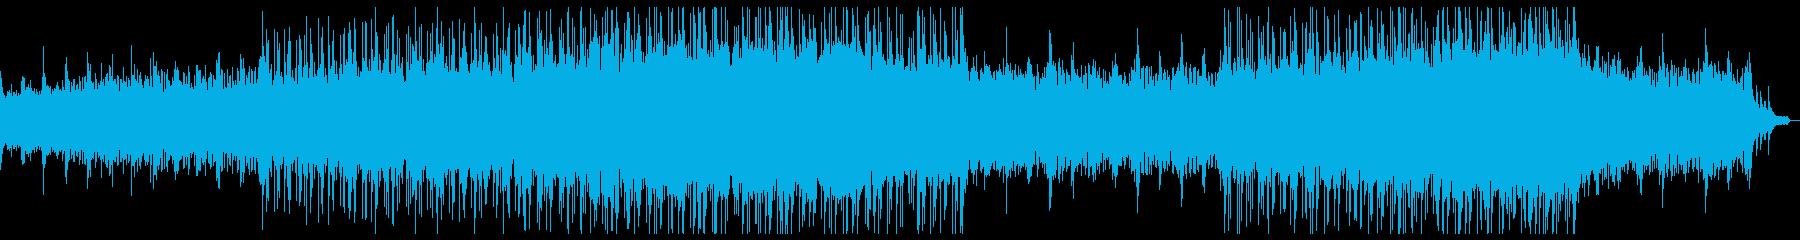 切ない感動的なチルアウトシネマティック。の再生済みの波形